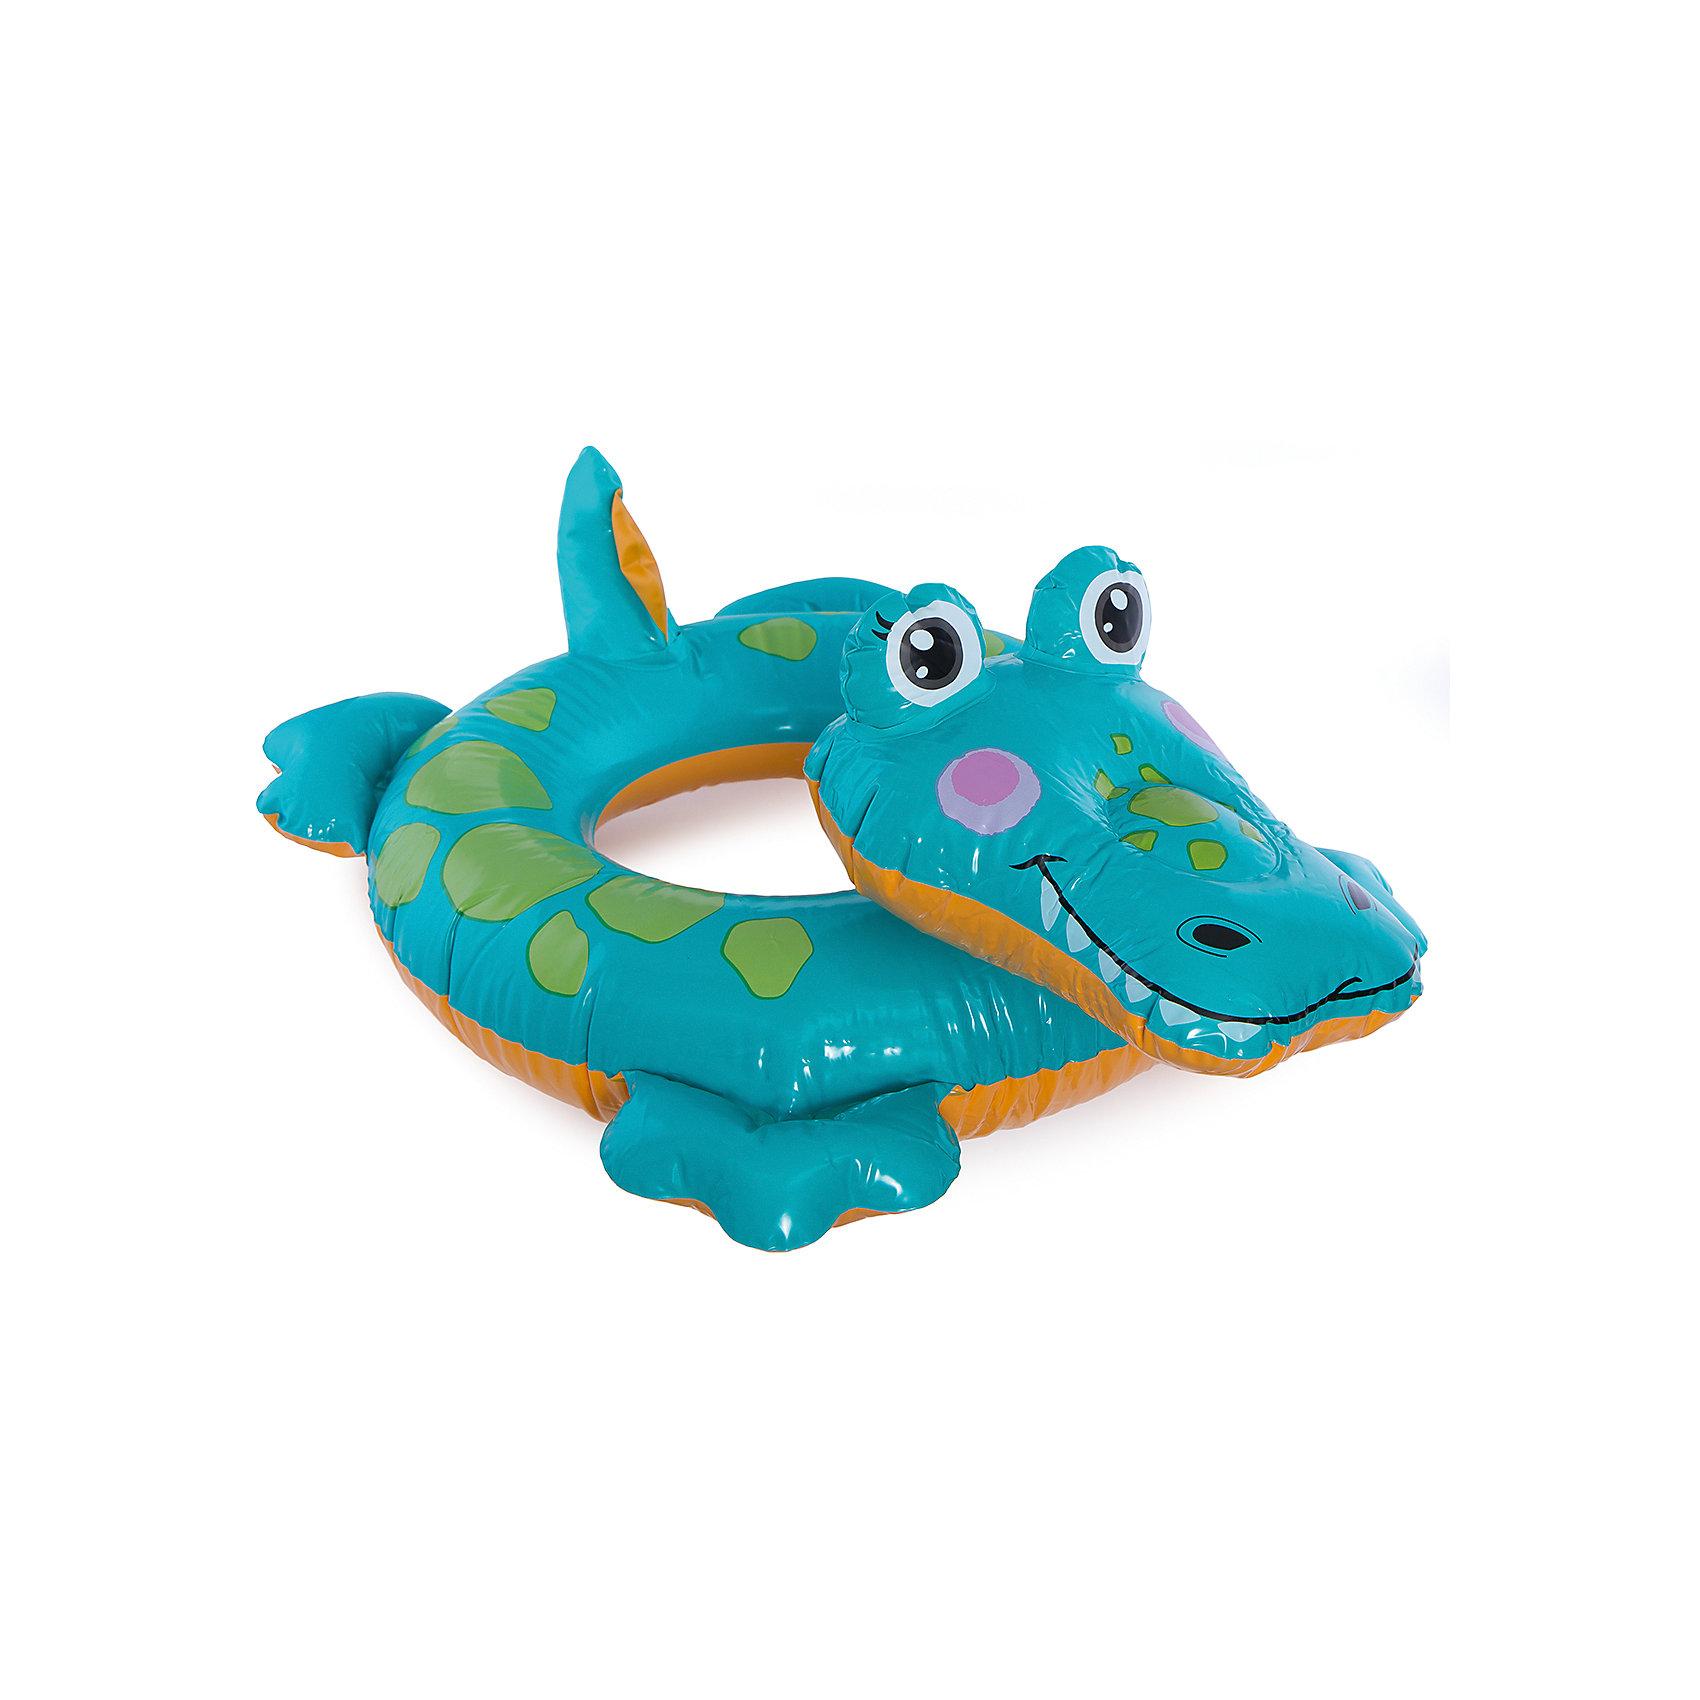 Детский надувной круг Зверюшка - Крокодил, IntexДетский надувной круг Зверюшка, Intex (Интекс) замечательно подойдет для обучения малыша плаванию. Круг оформлен в виде очаровательной зверюшки, и теперь водные игры станут еще веселее и интереснее!  Такой надувной круг станет незаменимым атрибутом летнего отдыха.  Дополнительная информация:  - Размер: 81 x 56 см - Материал: винил - Толщина винила 0,20 мм. - Максимальная нагрузка до 20 кг. - Гладкий внутренний шов.   Детский надувной круг Зверюшка, Intex (Интекс) можно купить в нашем интернет-магазине.<br><br>Ширина мм: 190<br>Глубина мм: 128<br>Высота мм: 40<br>Вес г: 281<br>Возраст от месяцев: 36<br>Возраст до месяцев: 72<br>Пол: Унисекс<br>Возраст: Детский<br>SKU: 4801493